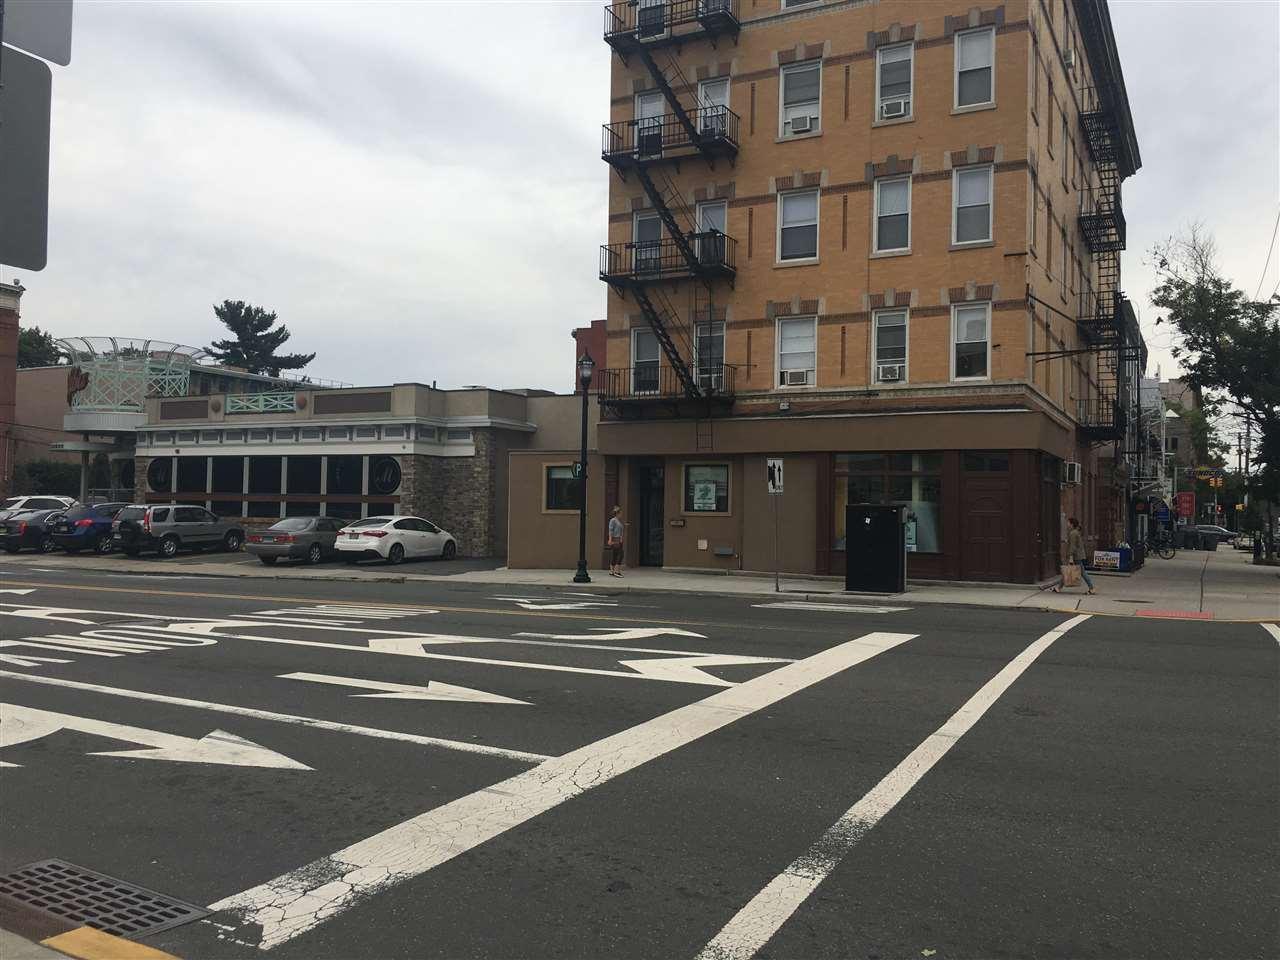 1327 WILLOW AVE, Hoboken, NJ 07030